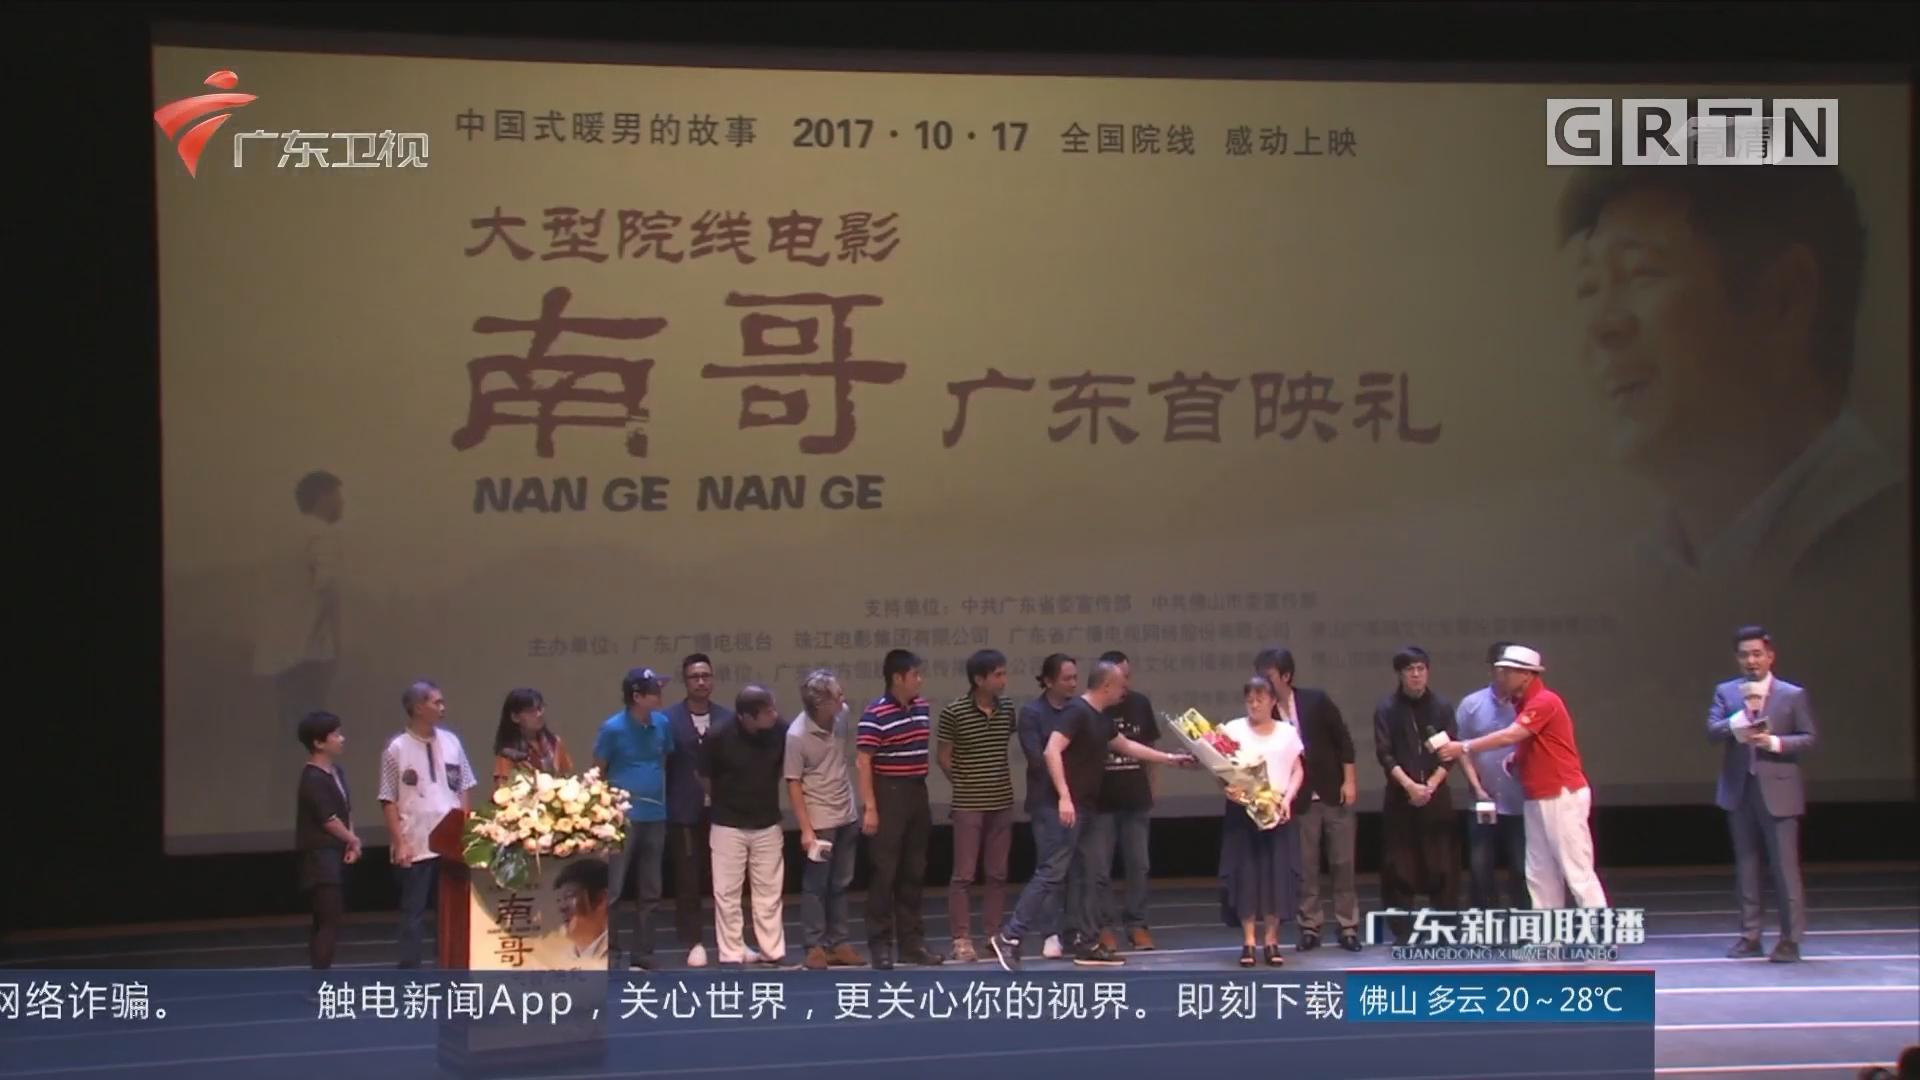 十九大献礼影片《南哥》广东首映礼在佛山举行